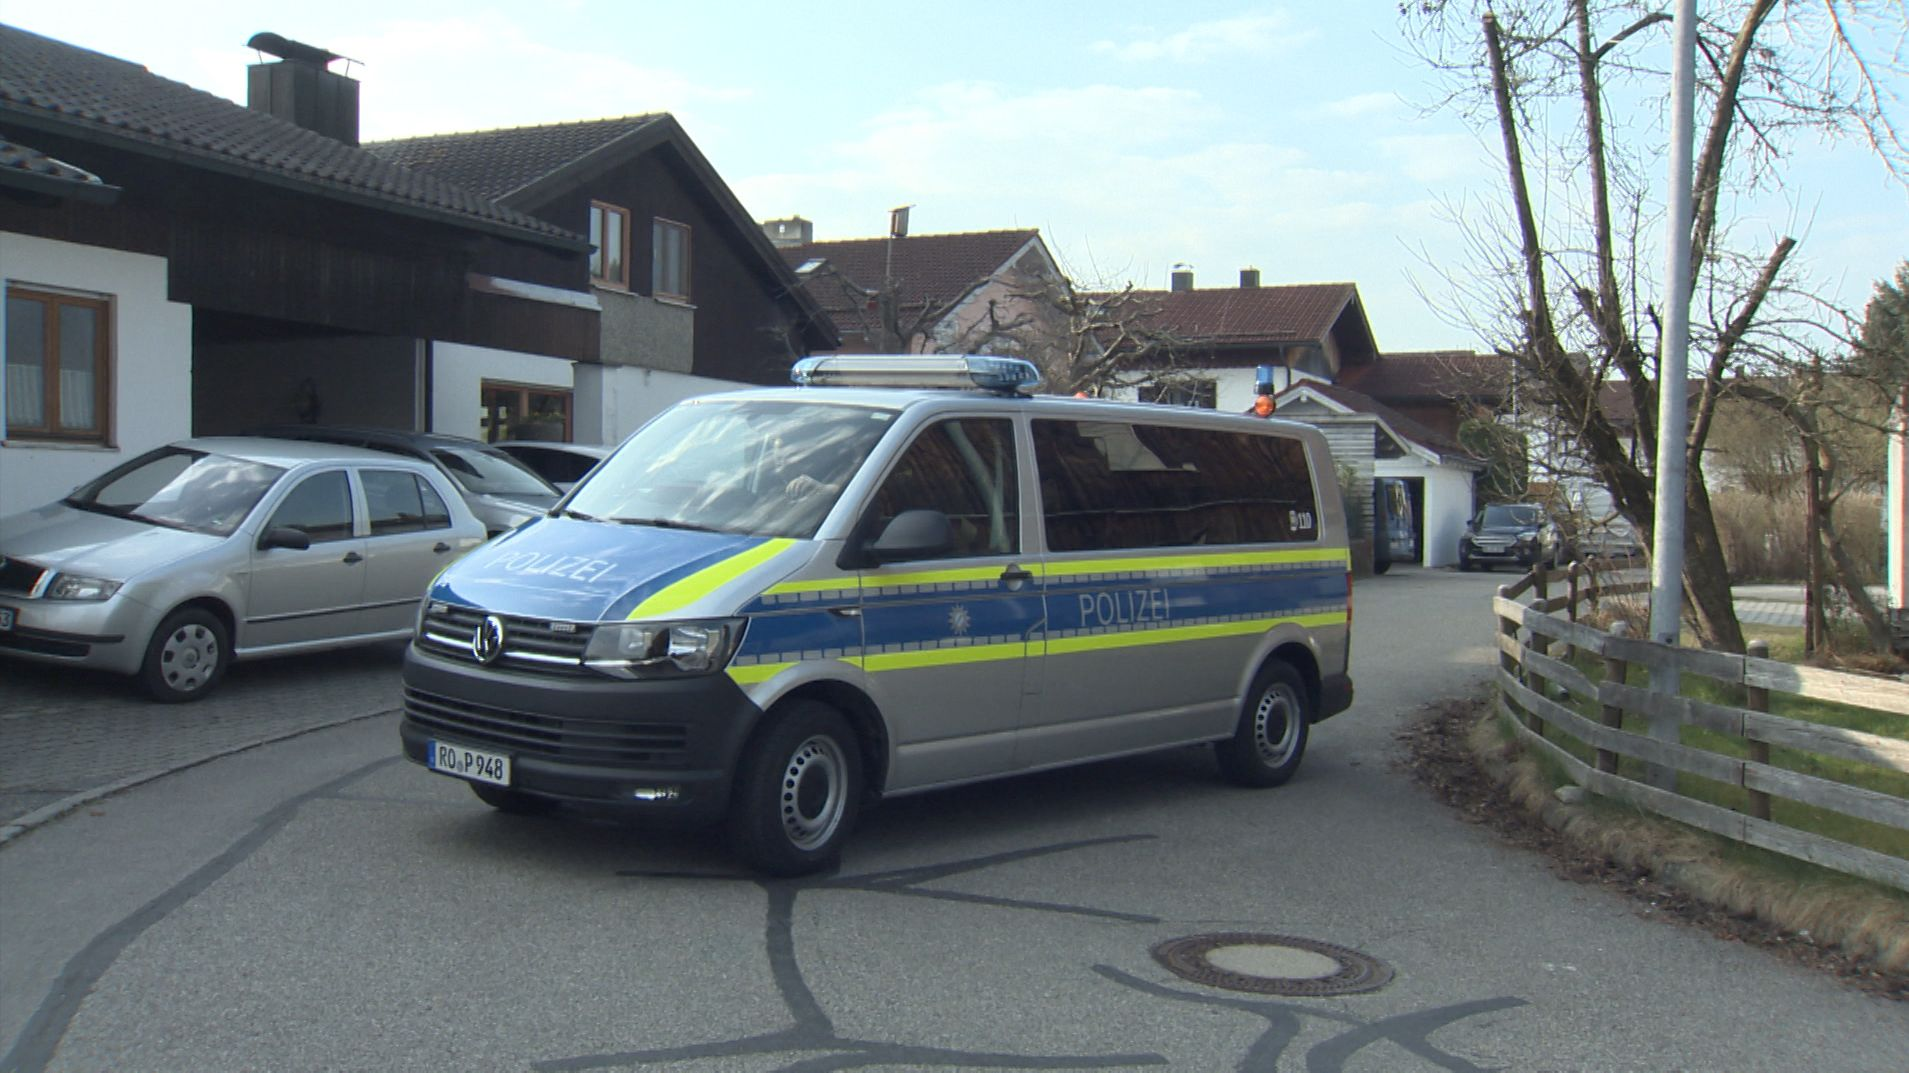 In Vogtareuth im Landkreis Rosenheim kam es zu einem schrecklichen Familiendrama